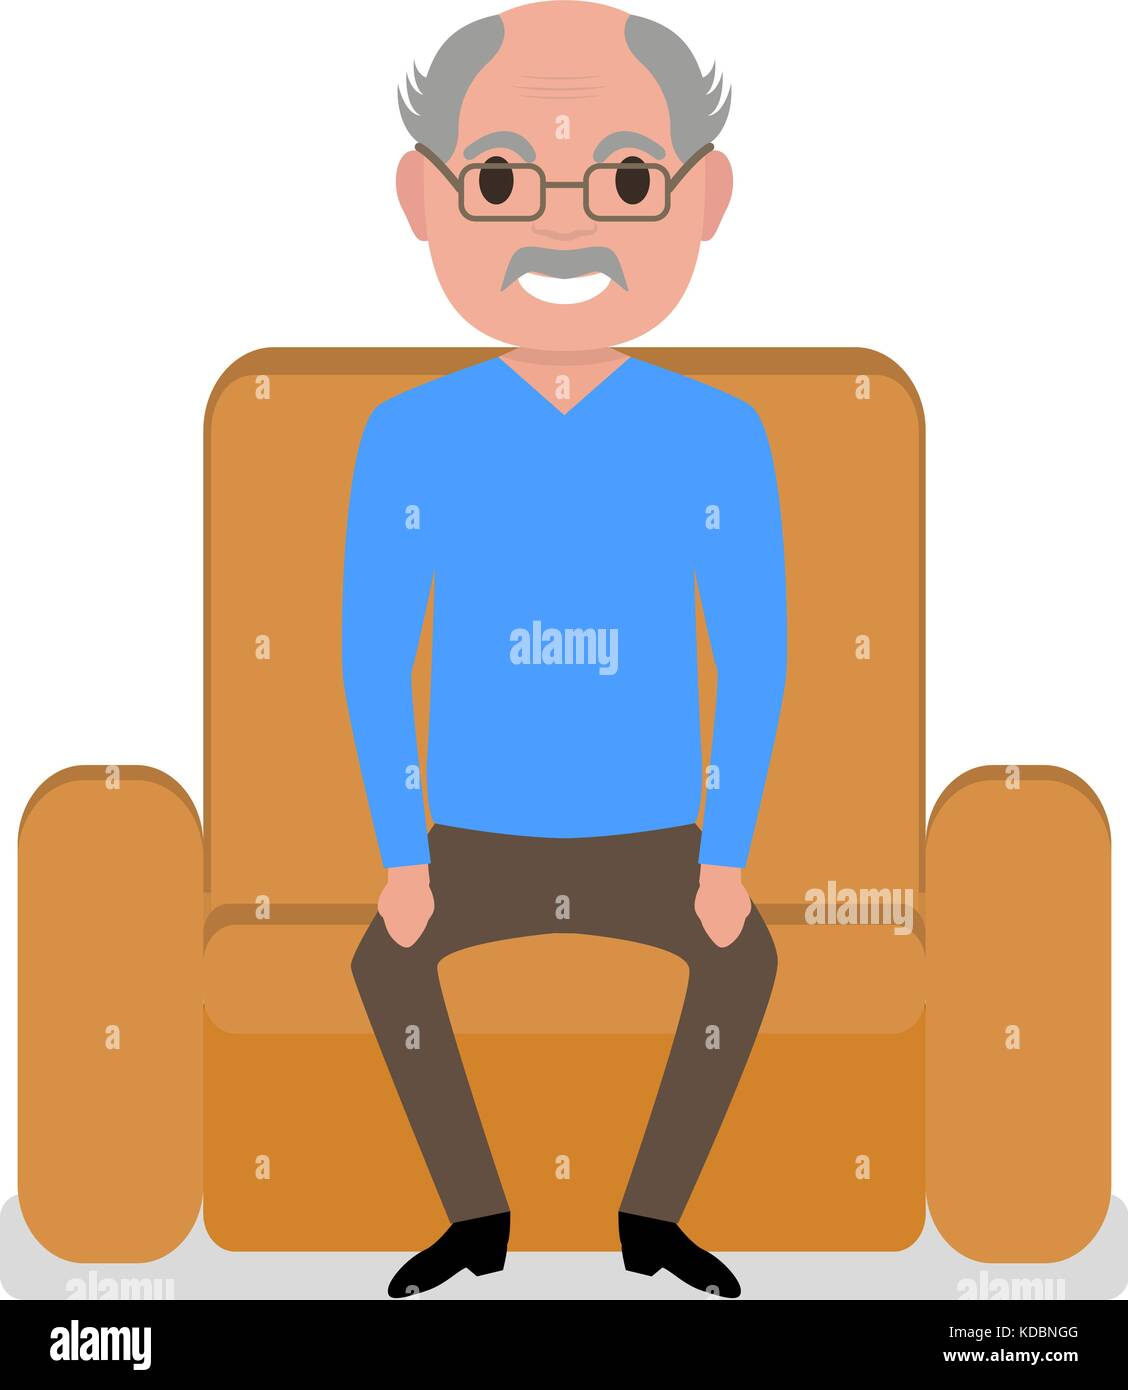 Nonno In Poltrona.Vector Cartoon Nonno Seduto In Poltrona Illustrazione